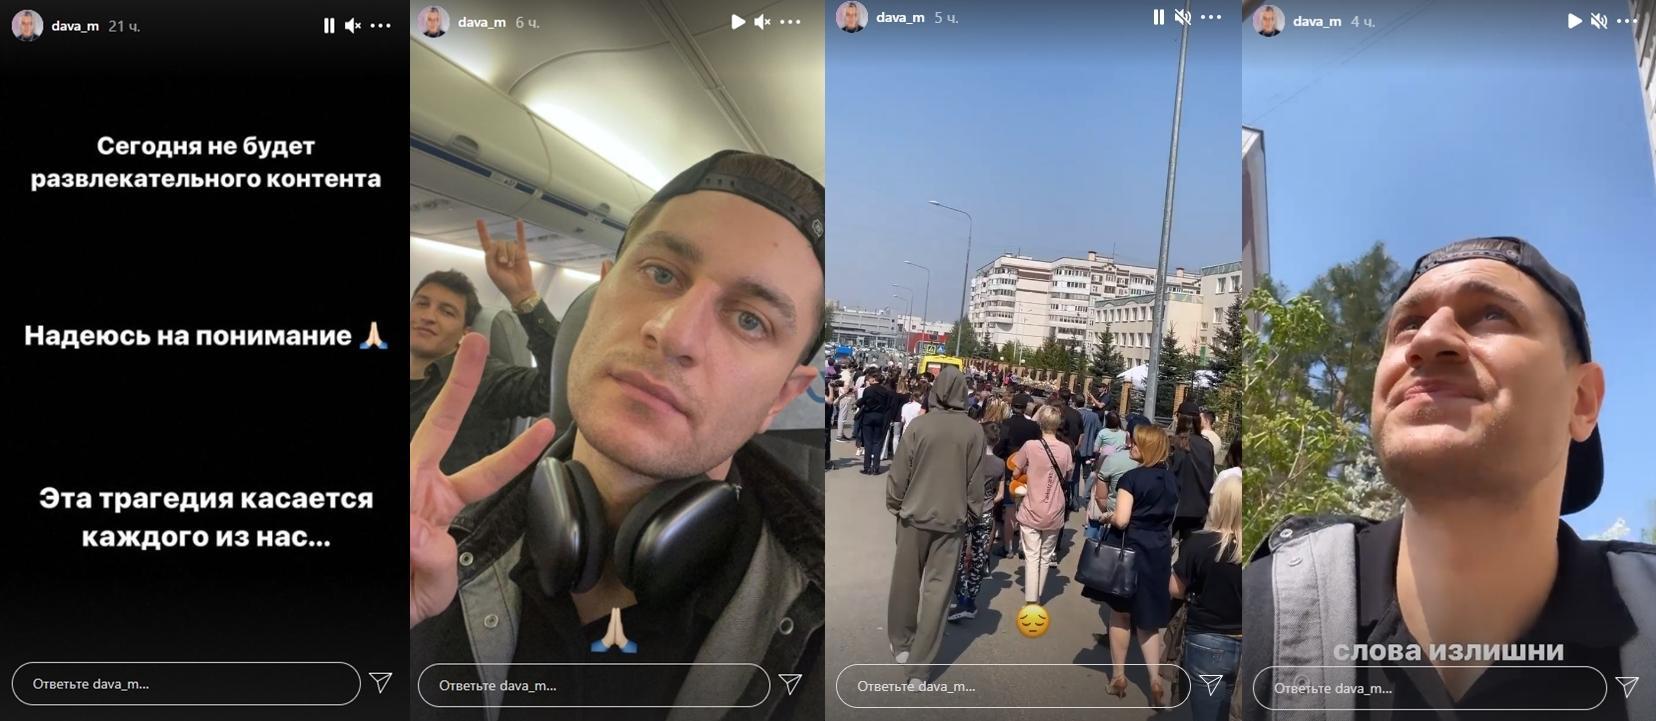 фото Новосибирского блогера Манукяна упрекнули в «хайпе на смертях детей» за поездку к месту трагедии в Казани 2